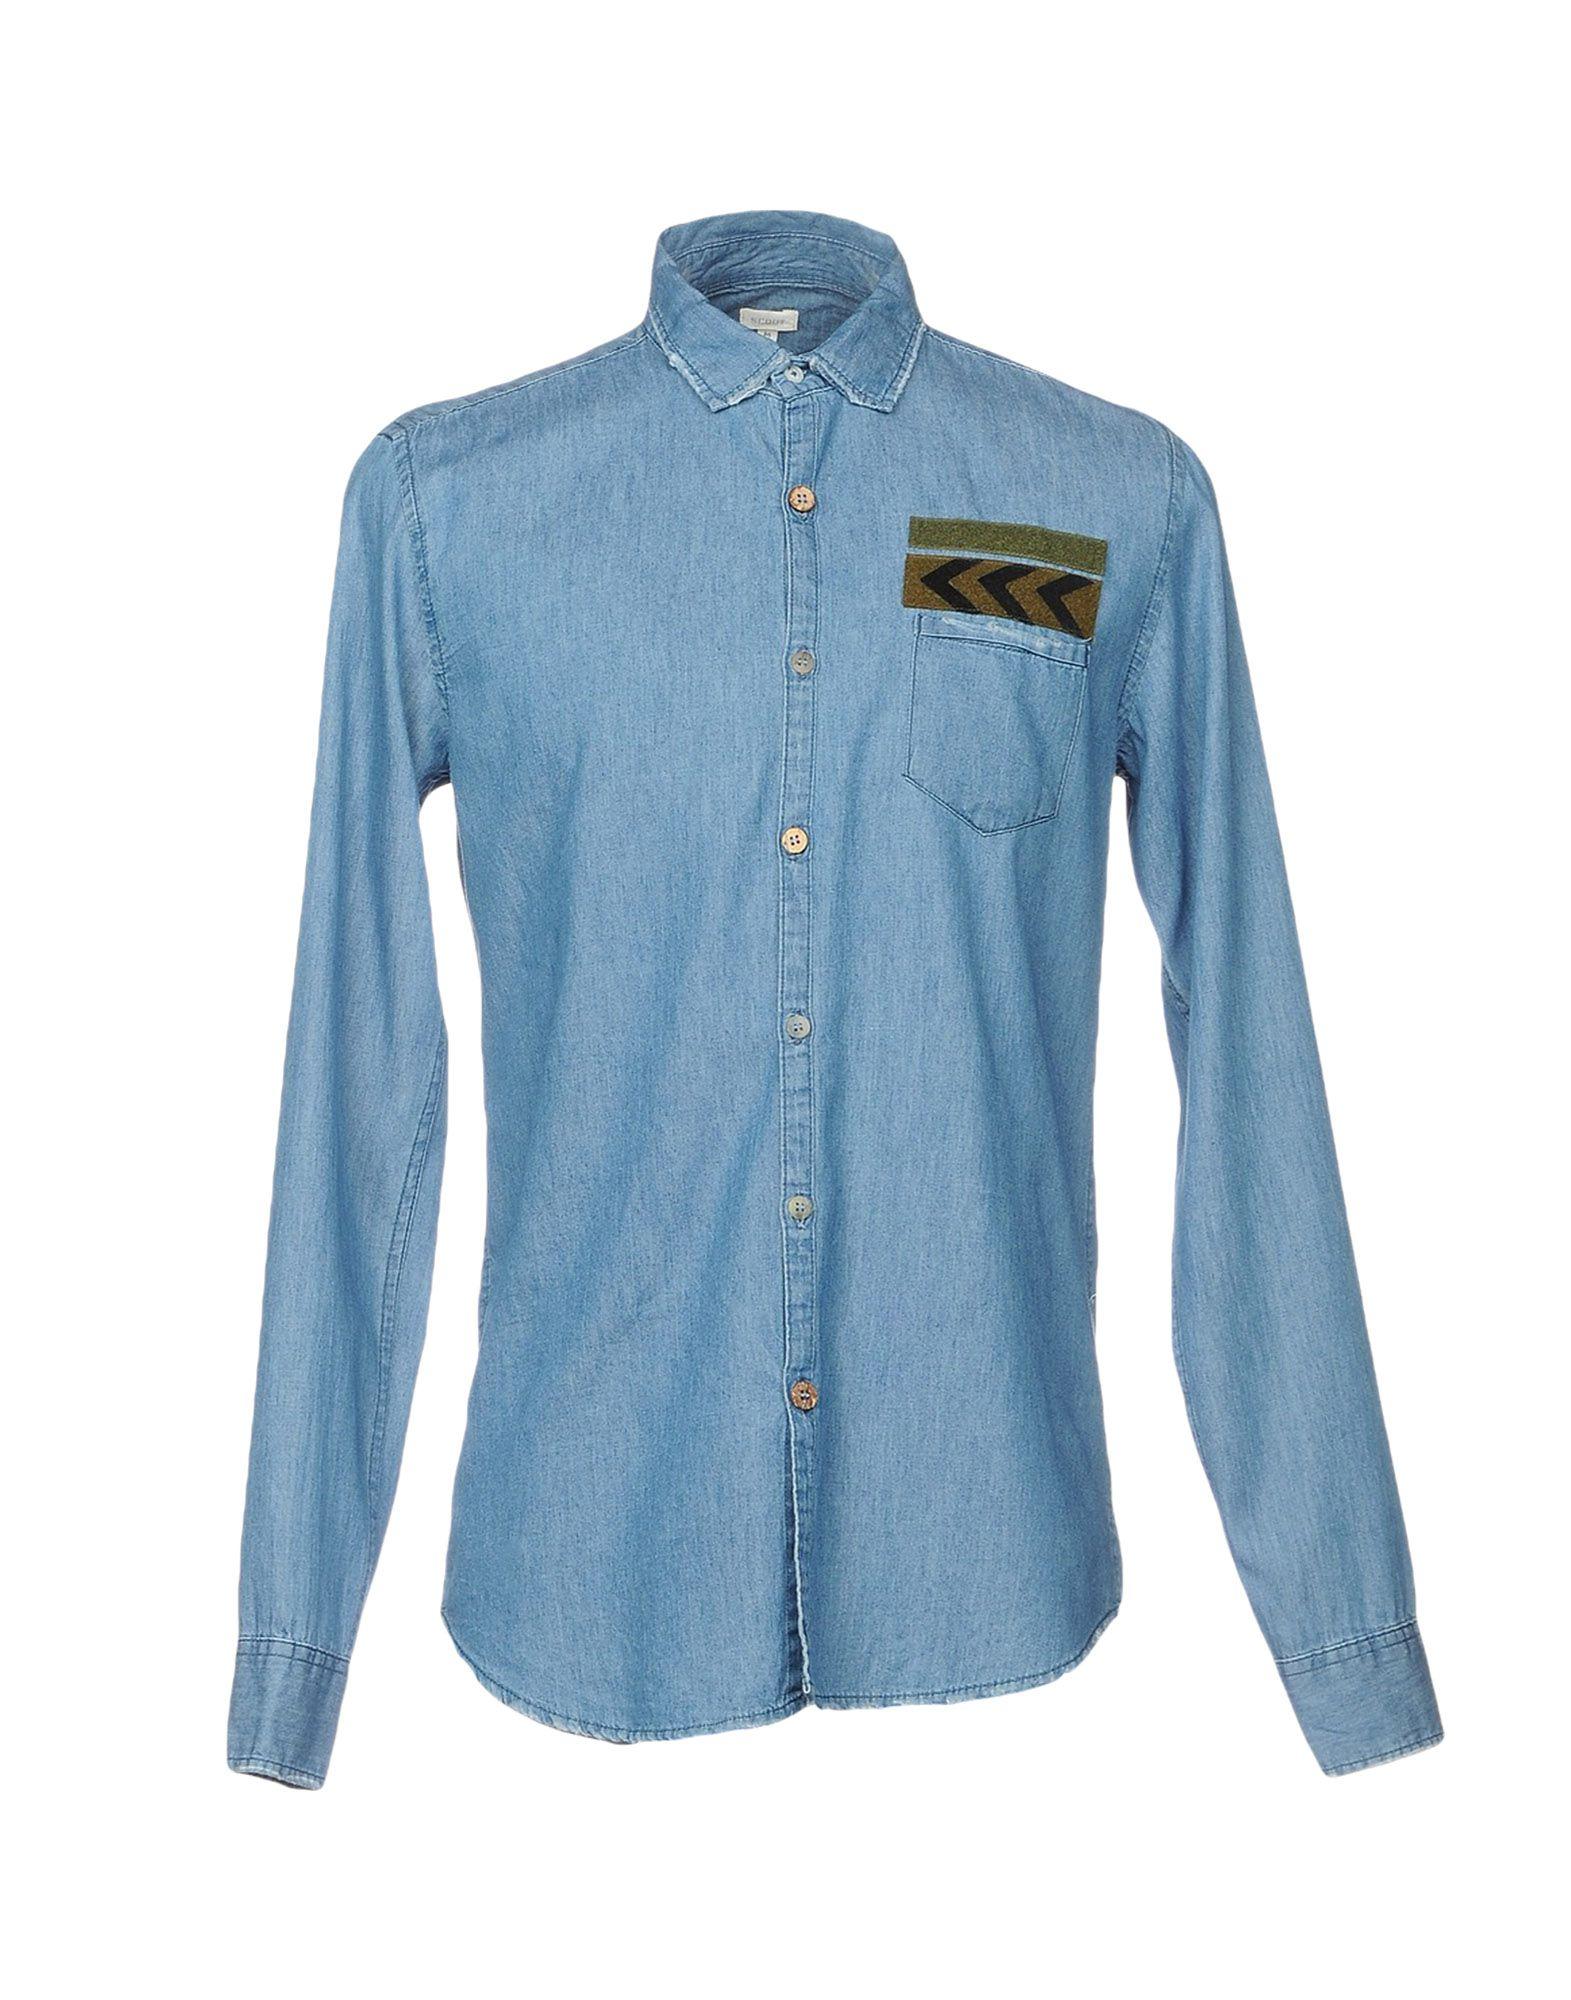 купить SCOUT Джинсовая рубашка дешево